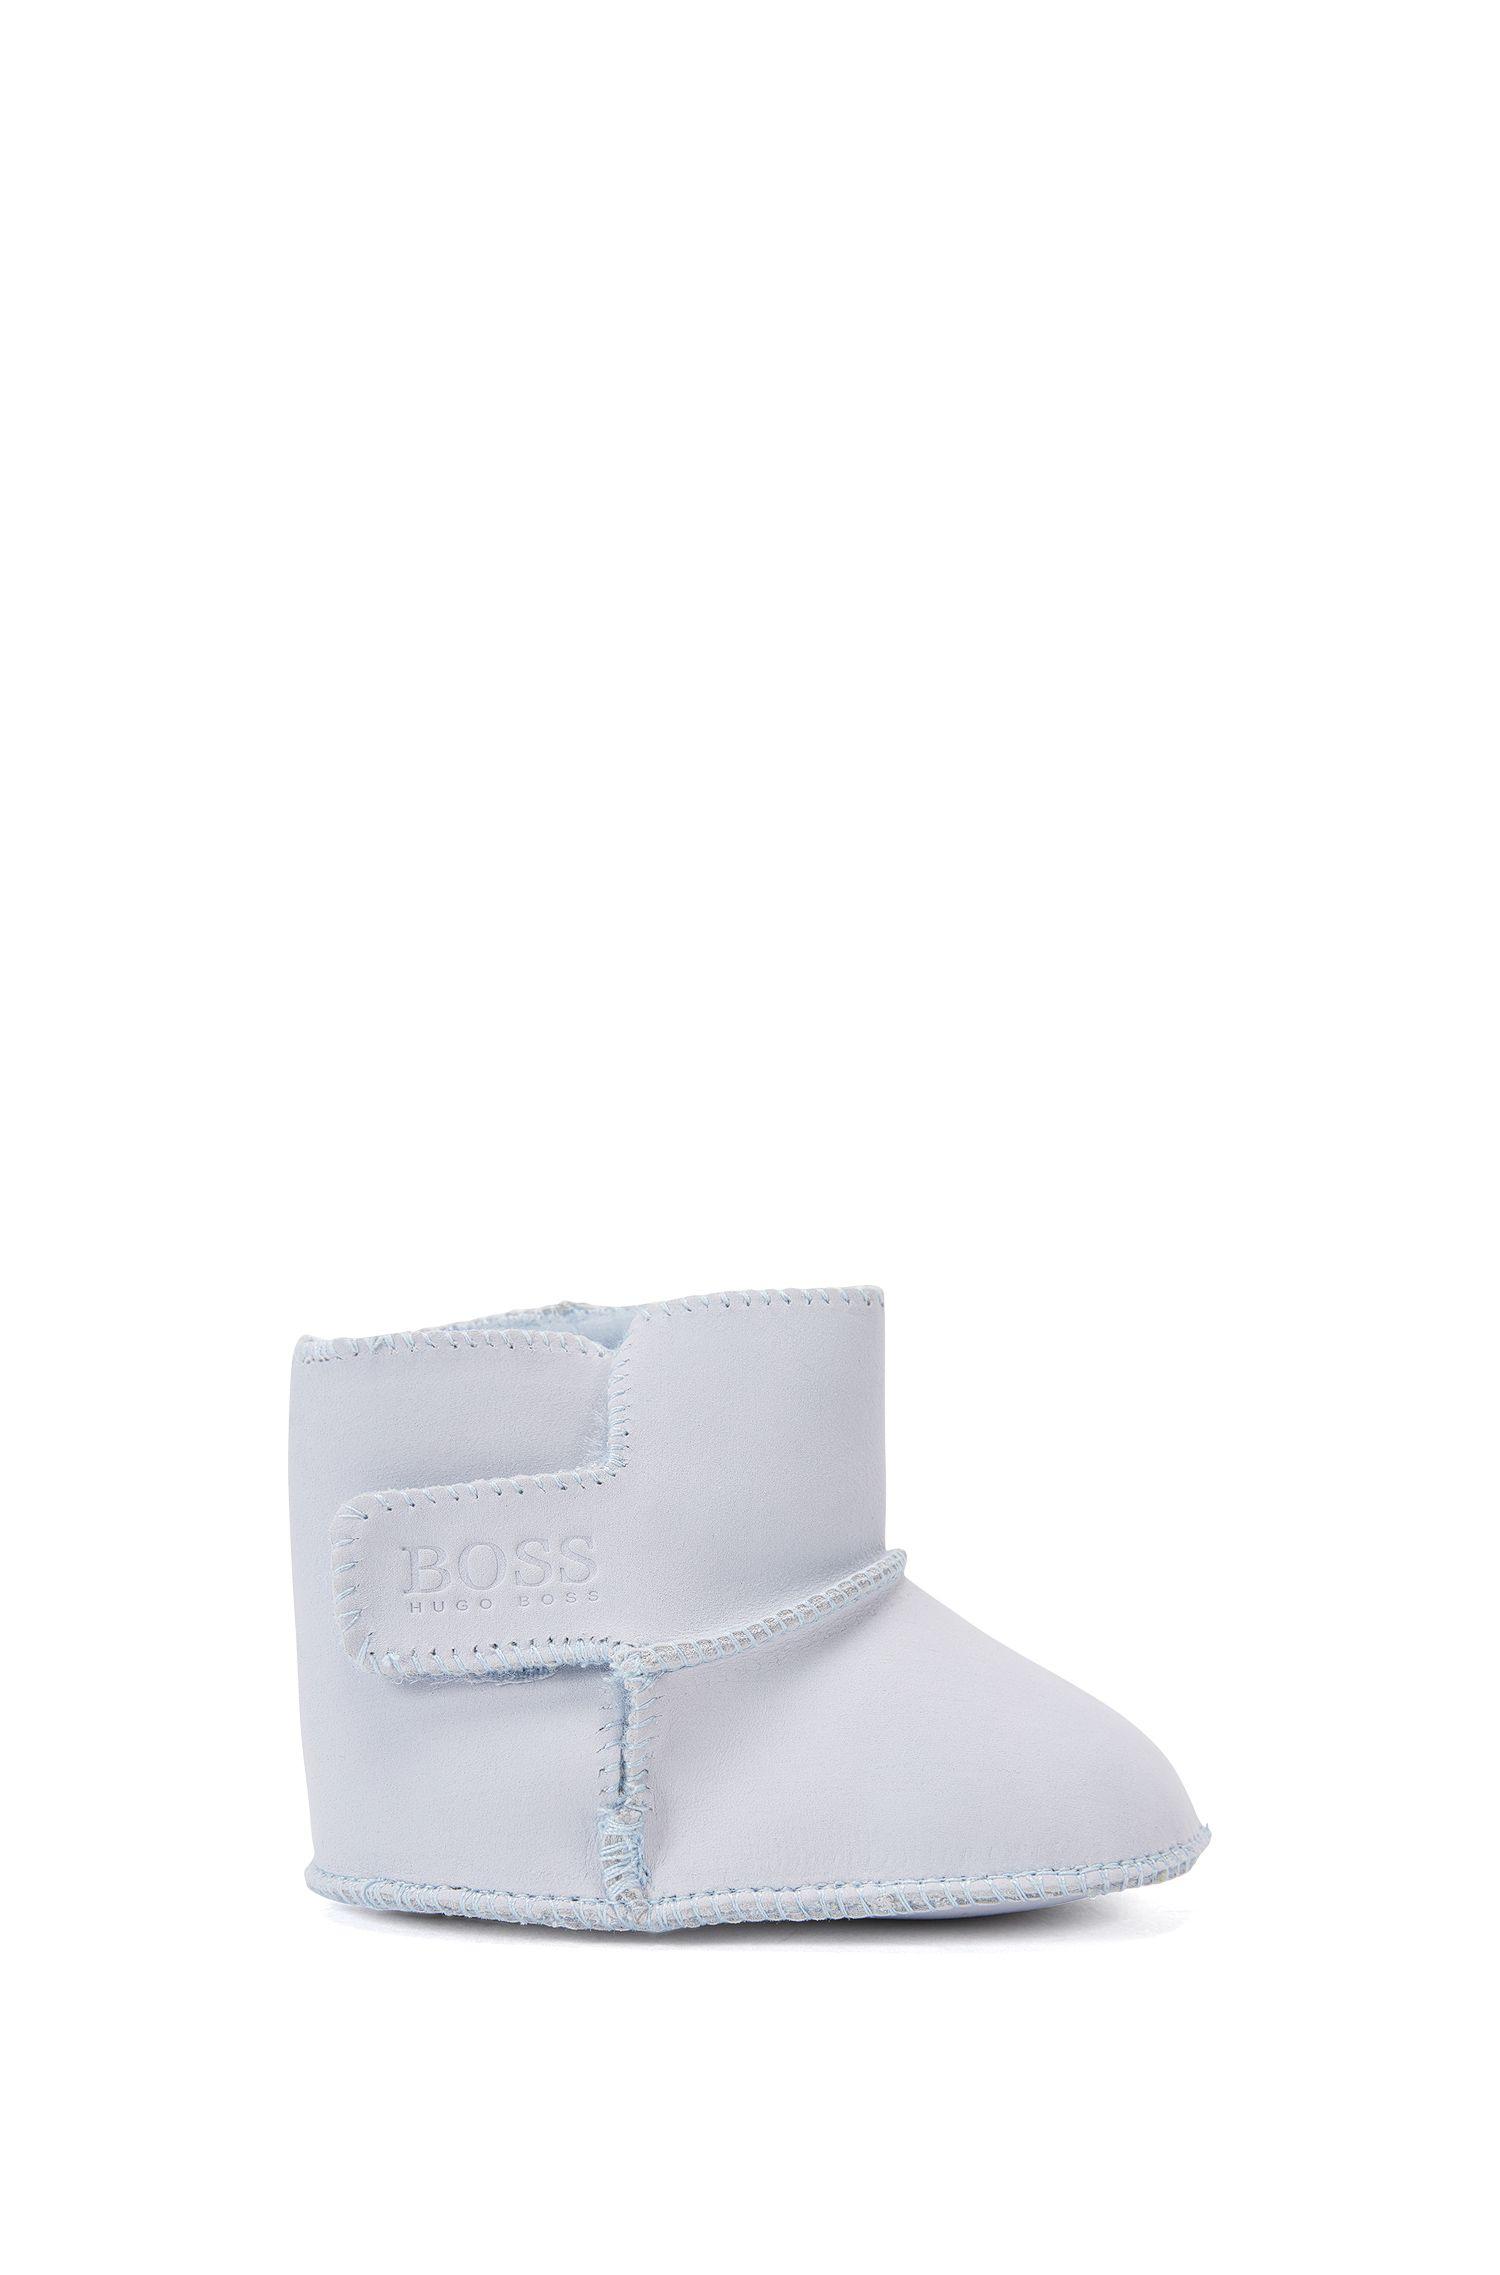 Baby-Stiefel aus Leder mit Klettverschluss: 'J99048'